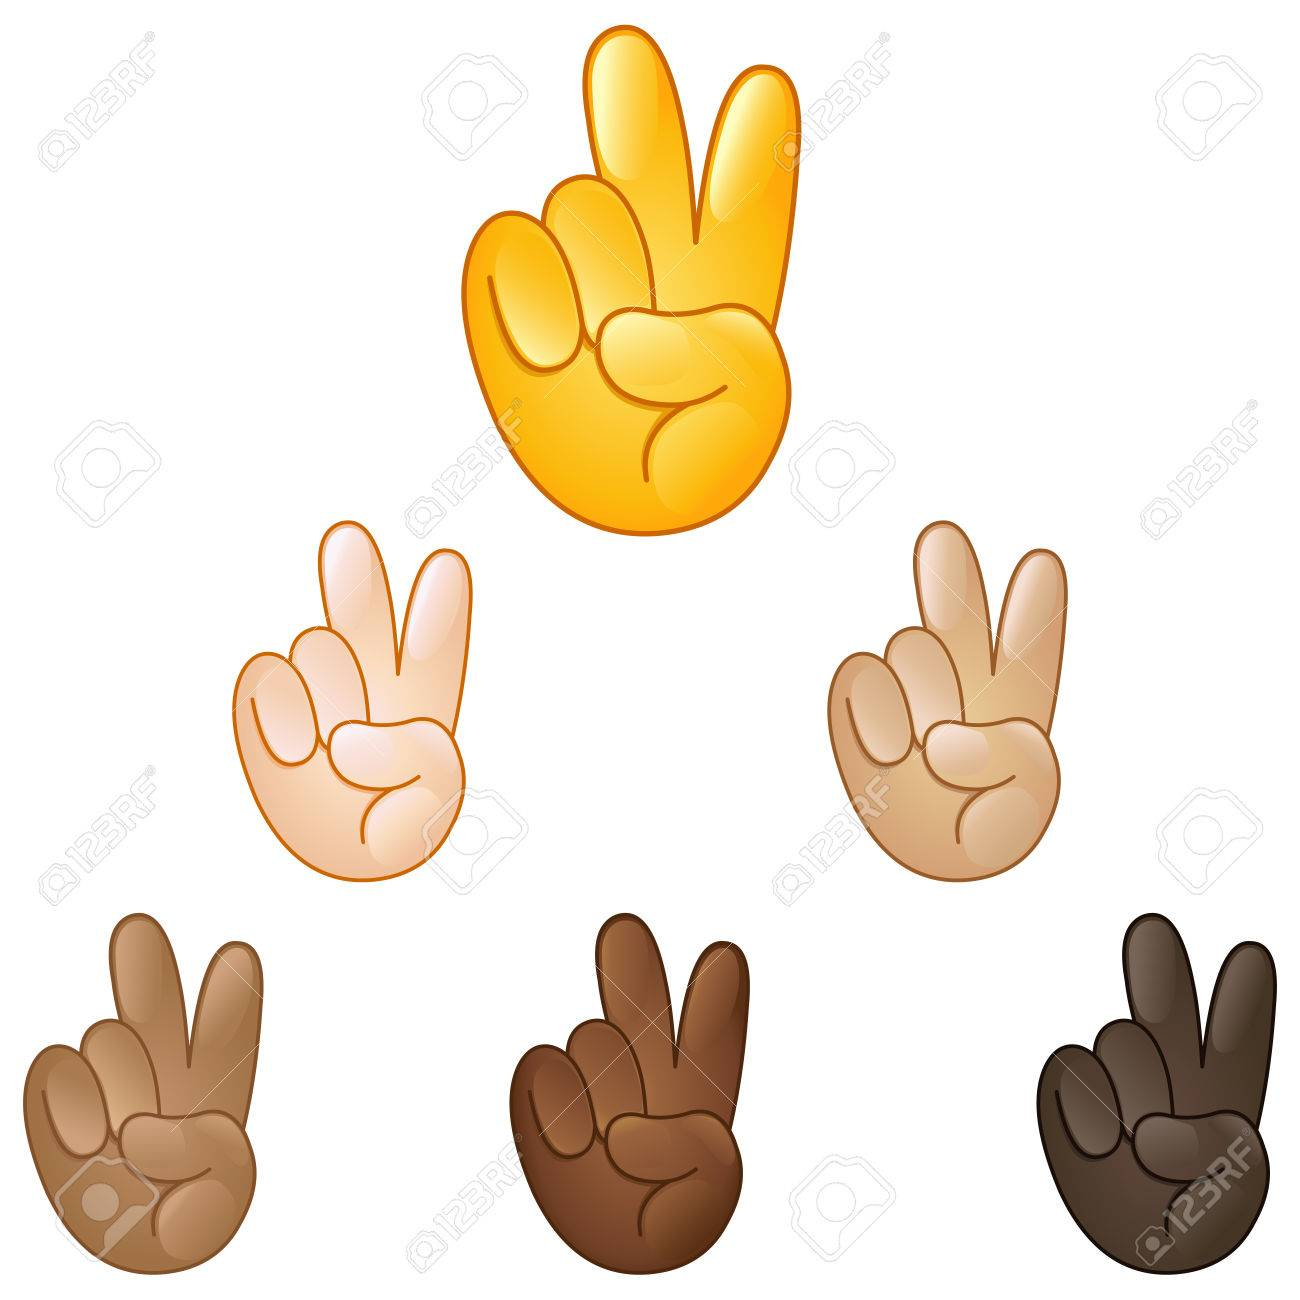 Victory hand emoji set of various skin tones - 57238497